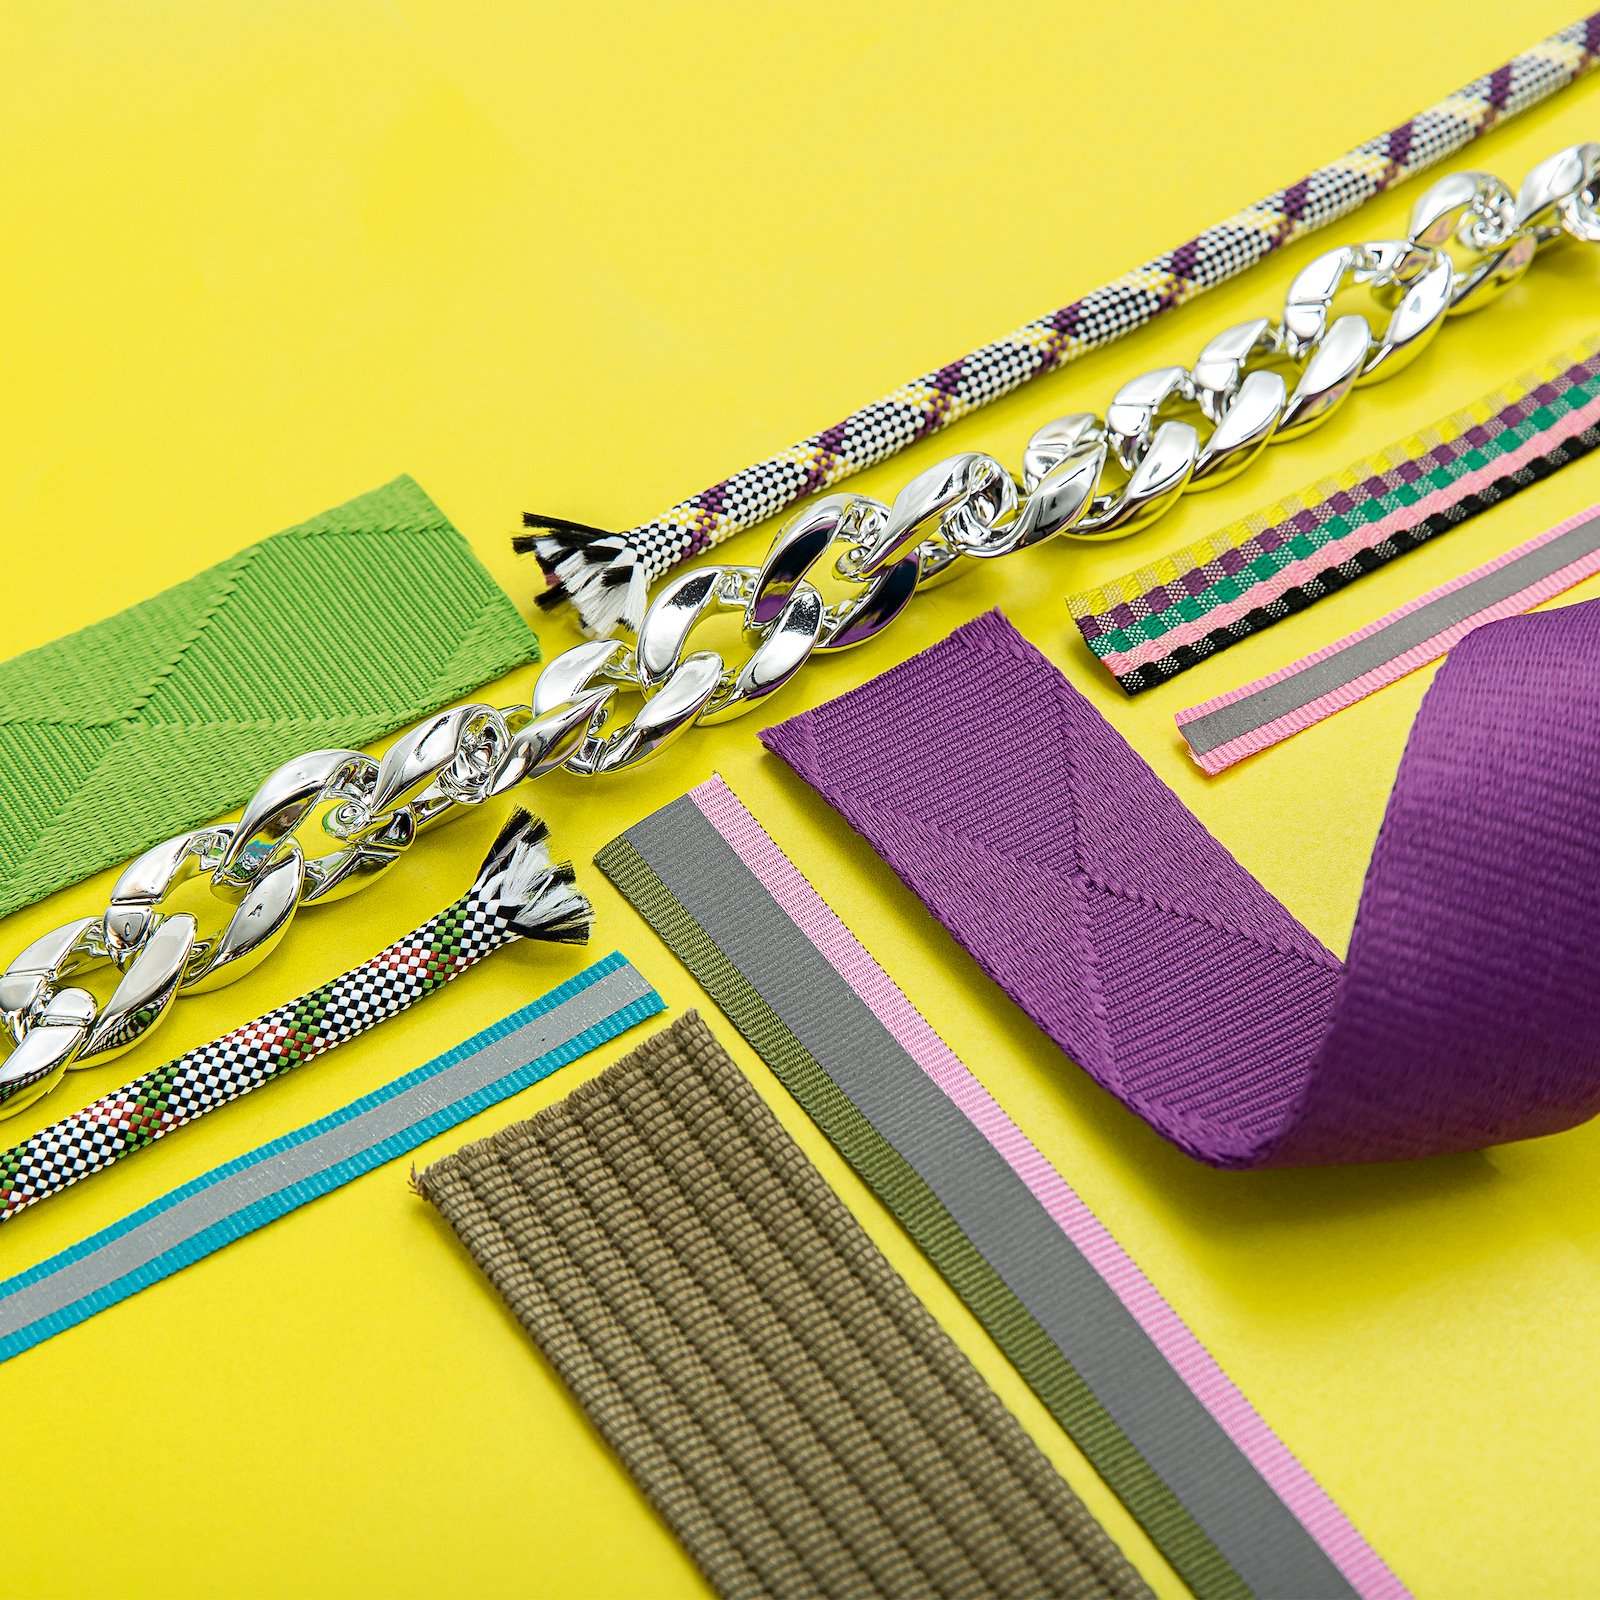 Parachute cord check 8mm purple/lemon 3m 22292_22276_38100_22394_22201_22293_22200_22405_22202_22277_bundle